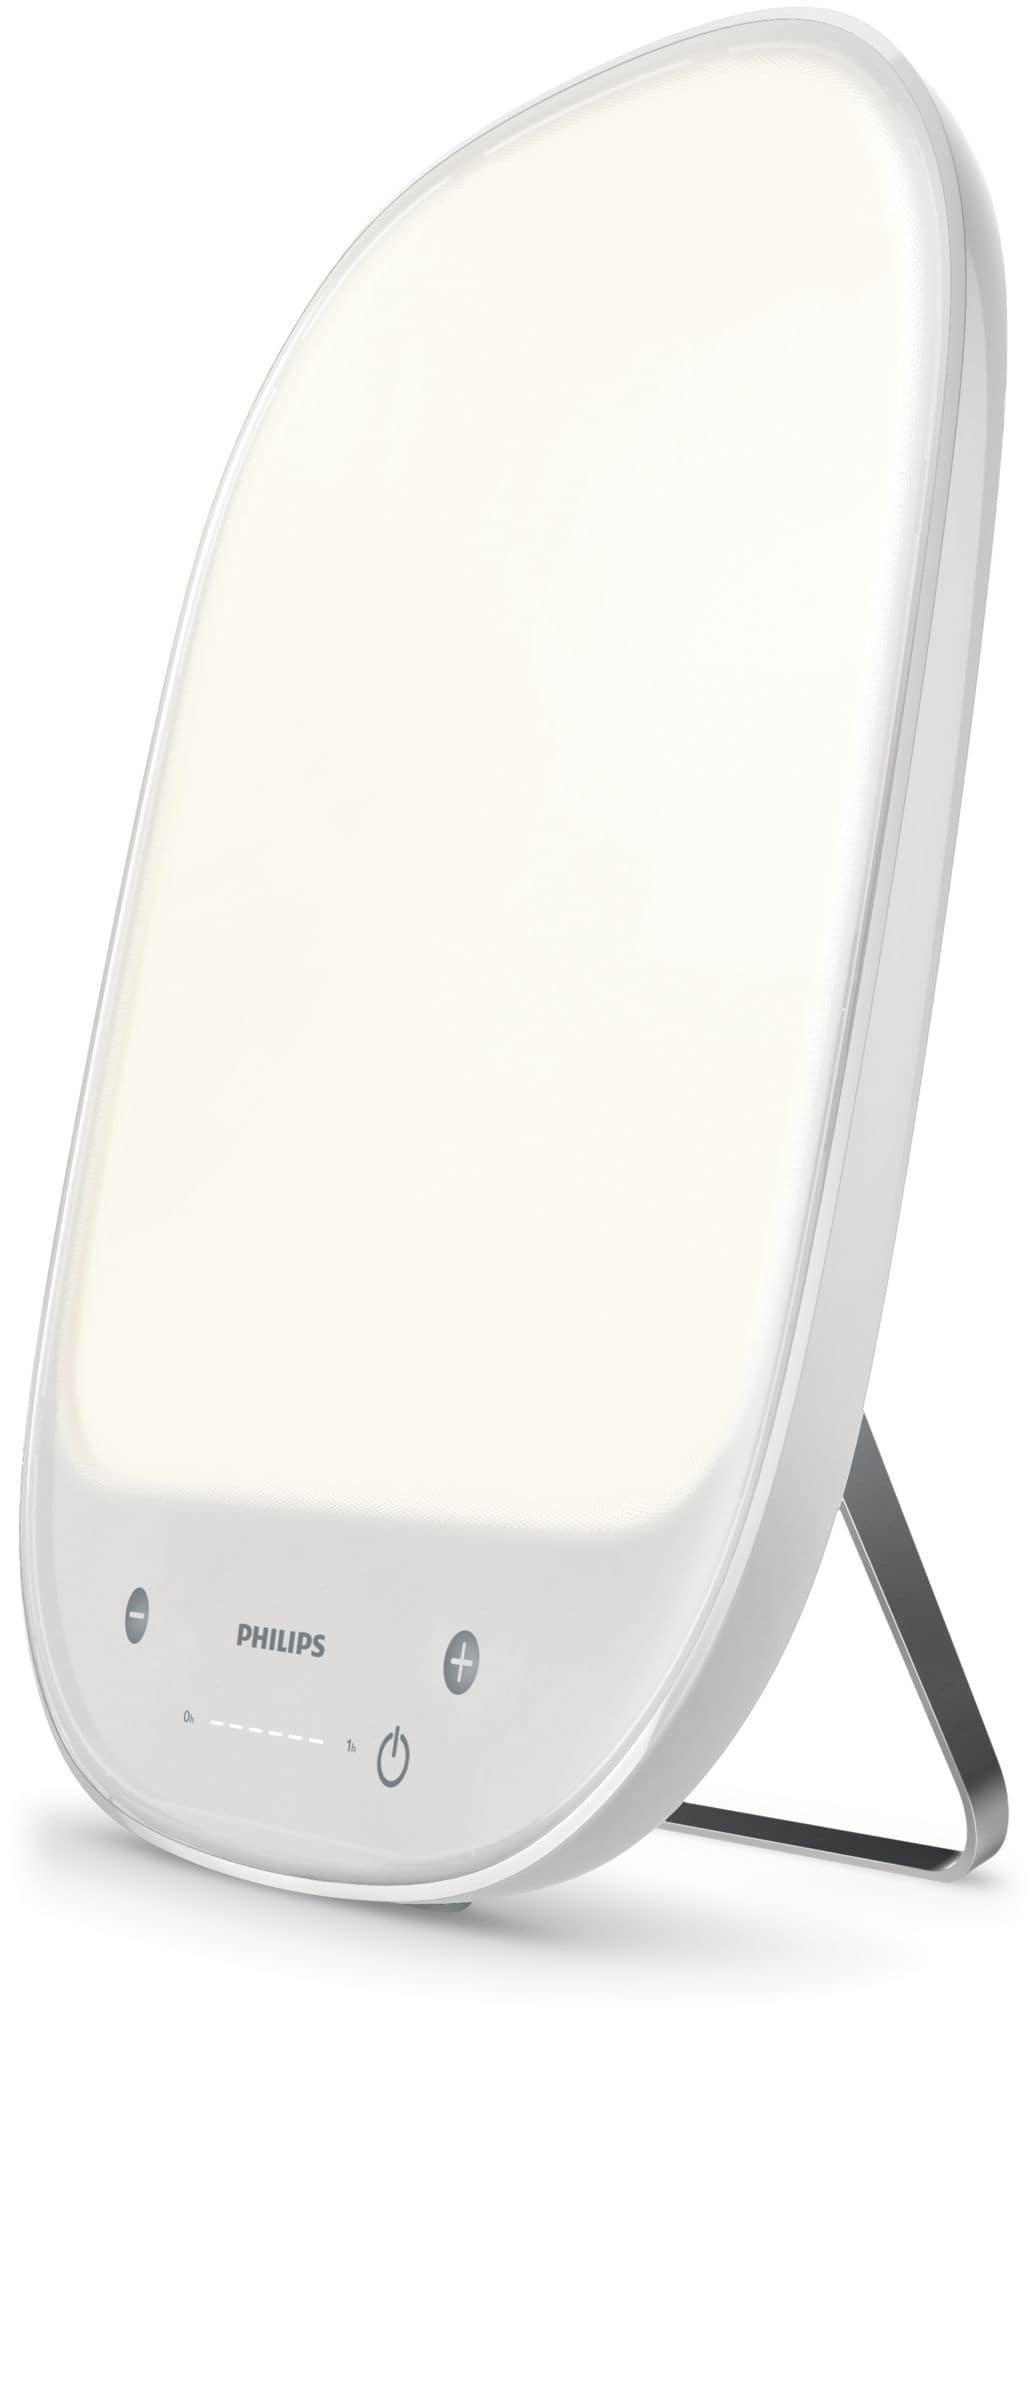 Philips EnergyUp EnergyLight HF3419/02 Tagesllichtlampe 10000 Lux 100% UV-frei für 199,99 Euro